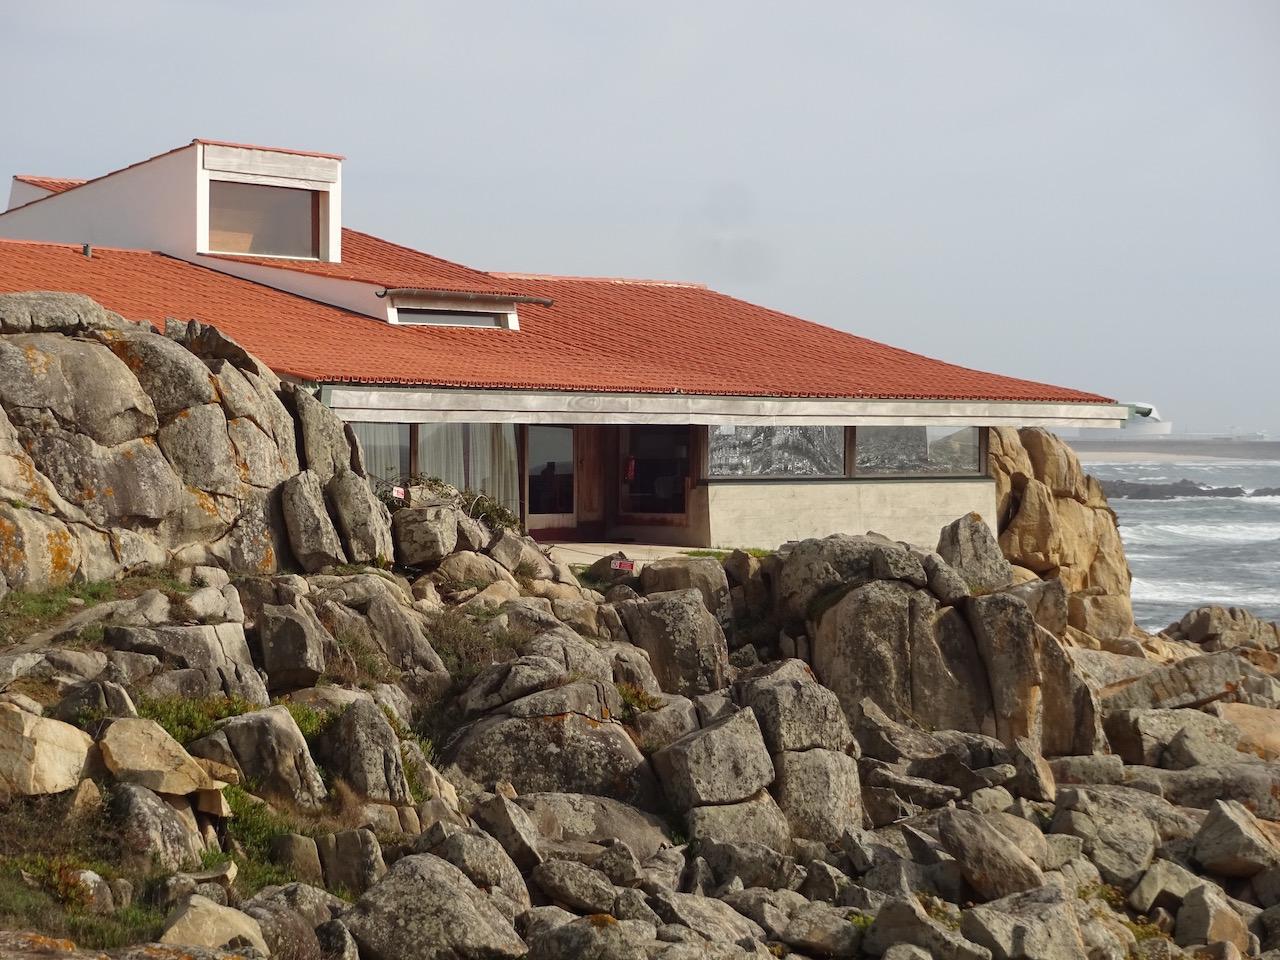 ein Sterne Restaurant in die Felsen eingebunden - die Architekten haben schon sehr eigenartige Ideen